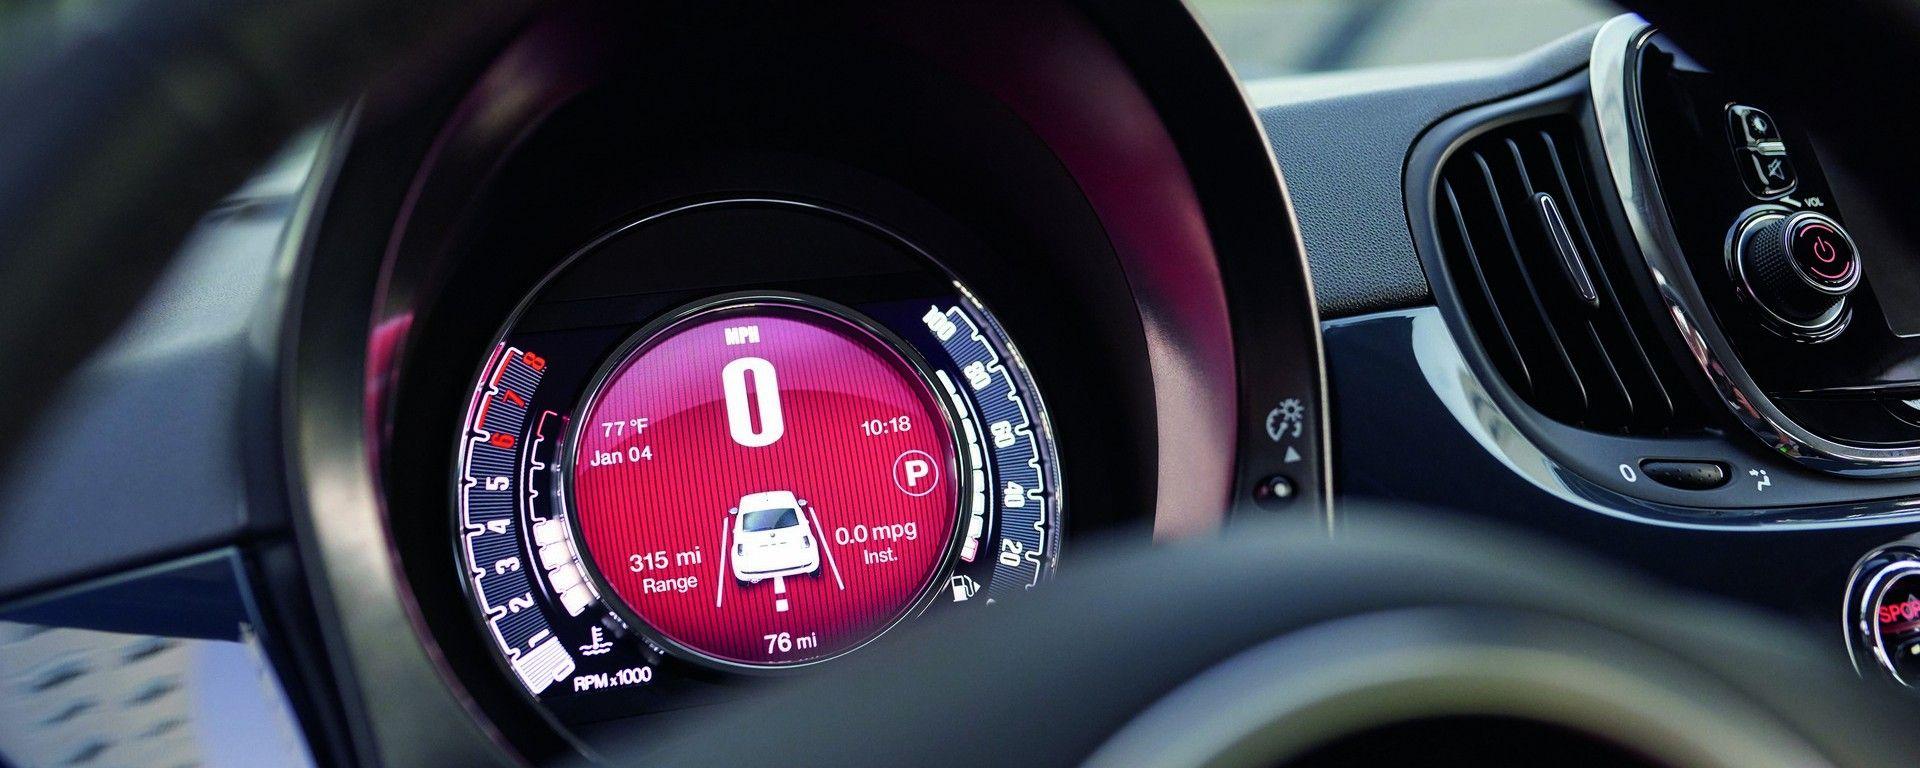 Fiat 500: è restyling in USA, nel 2019 tutta nuova